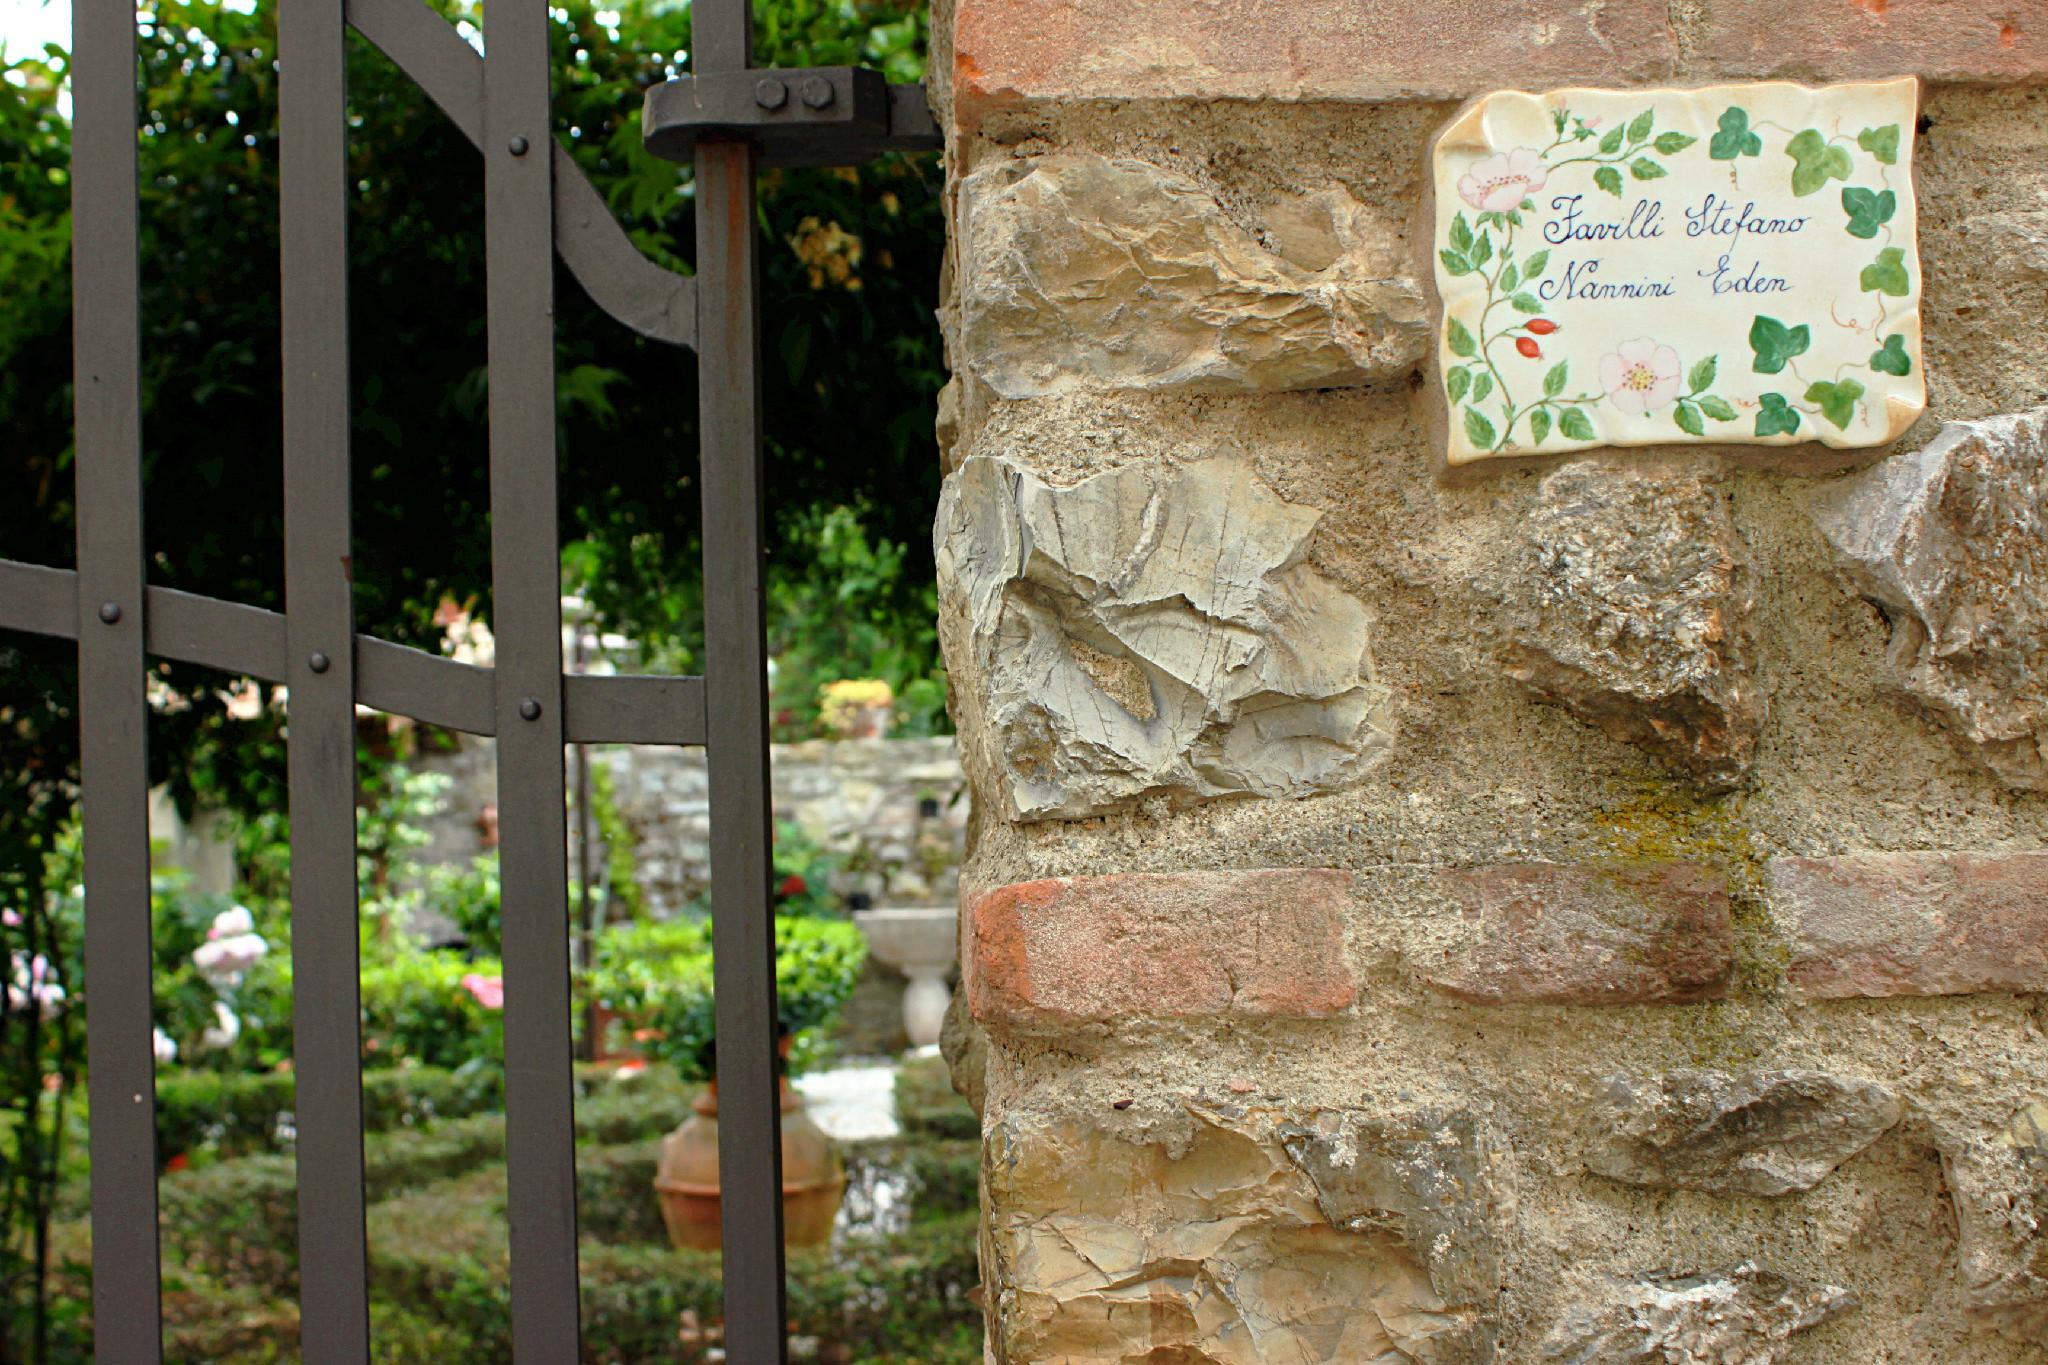 Giardino Eden a Suvereto - Toscana - blogtour ecvacanze